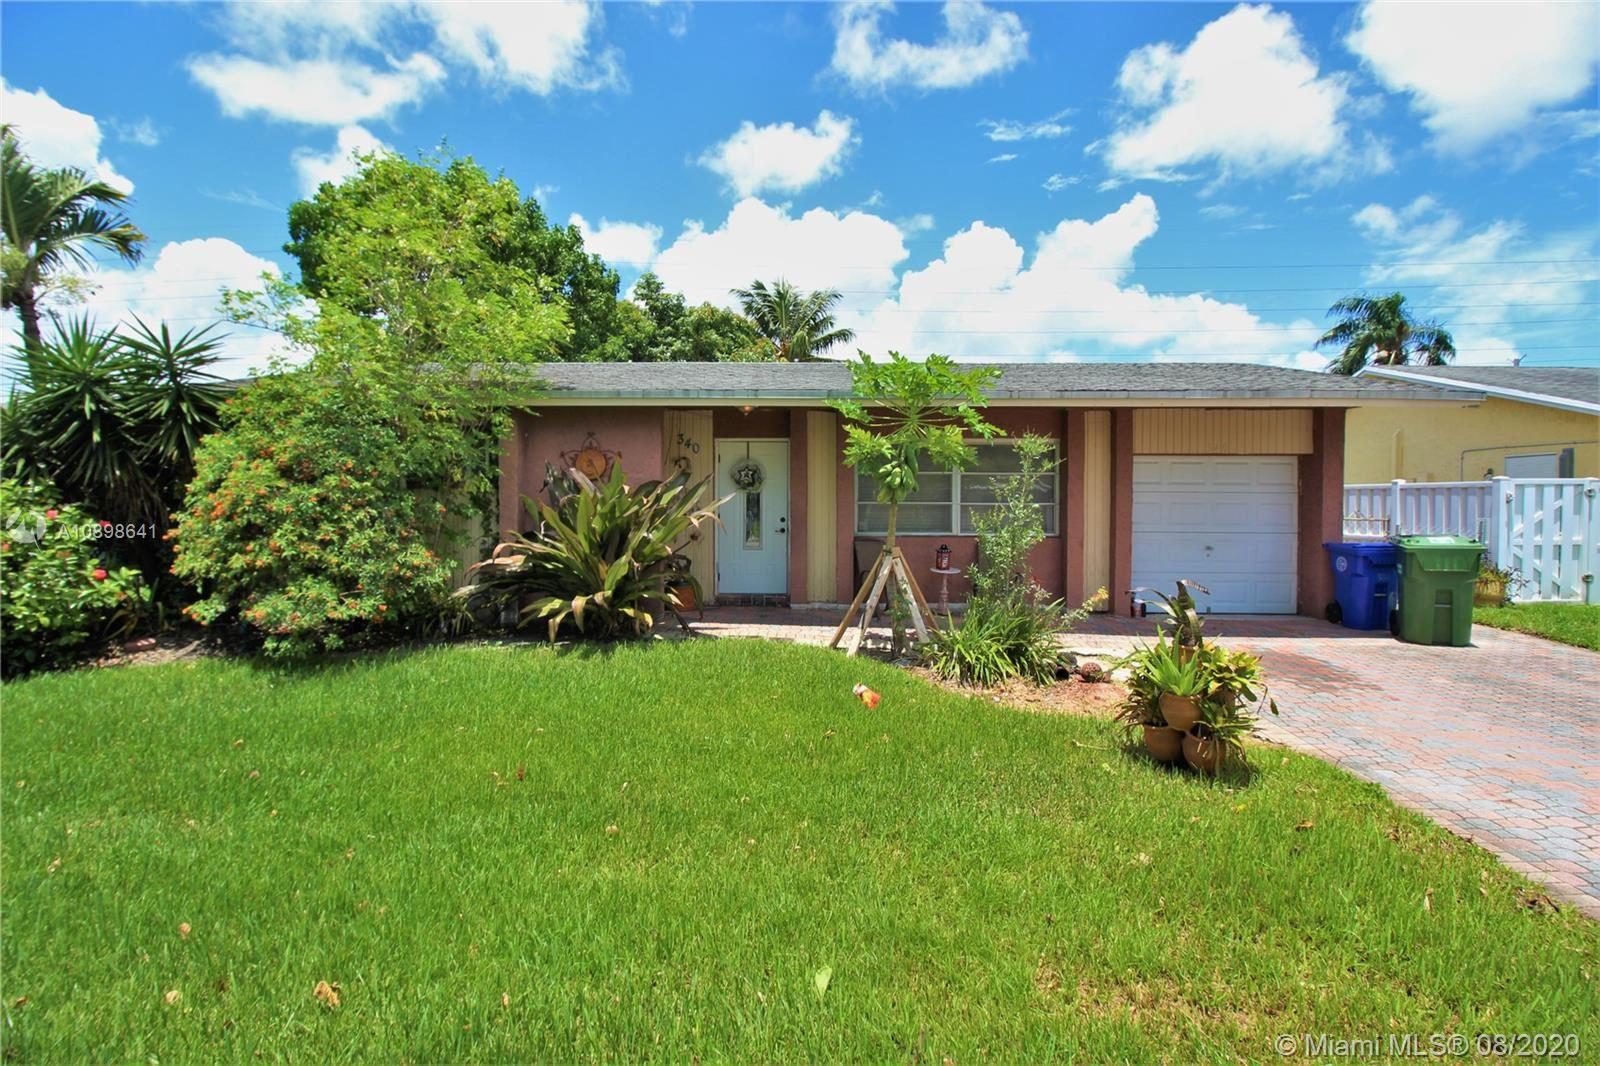 340 NW 99th Way, Pembroke Pines, FL 33024 - #: A10898641